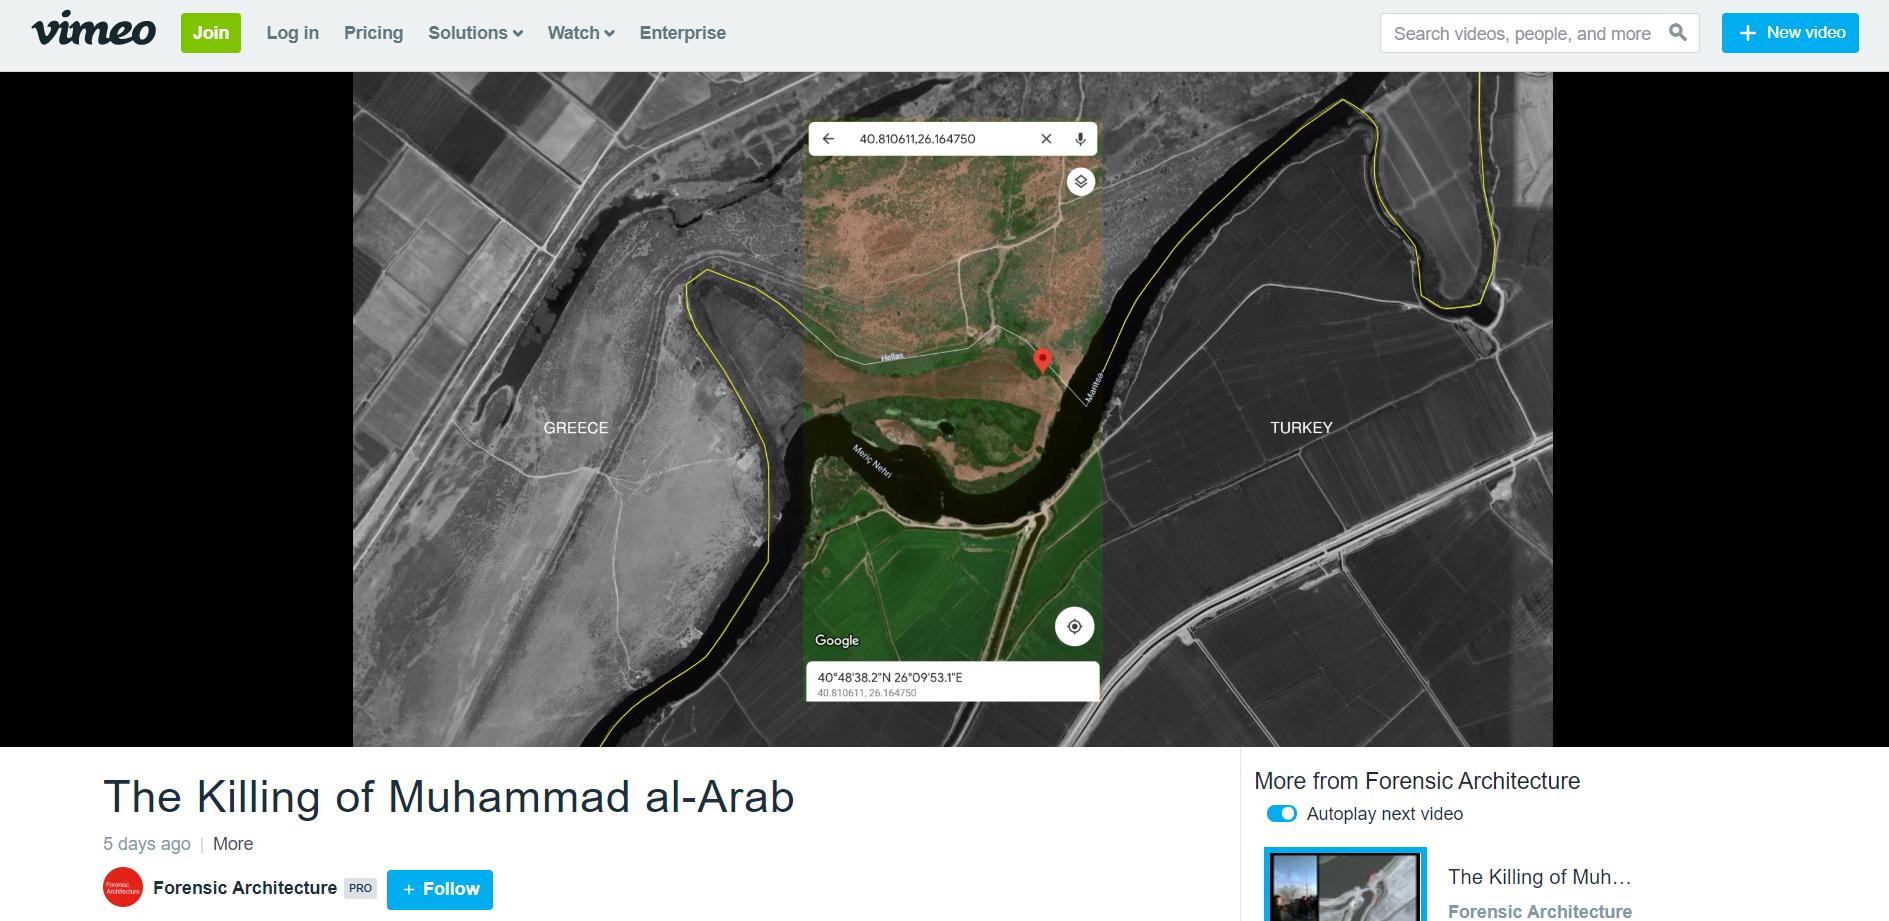 Film Forensic Architecture opublikowany w portalu Vimeo. Zaznaczono miejsce postrzelenia Muhammada Al-Araba